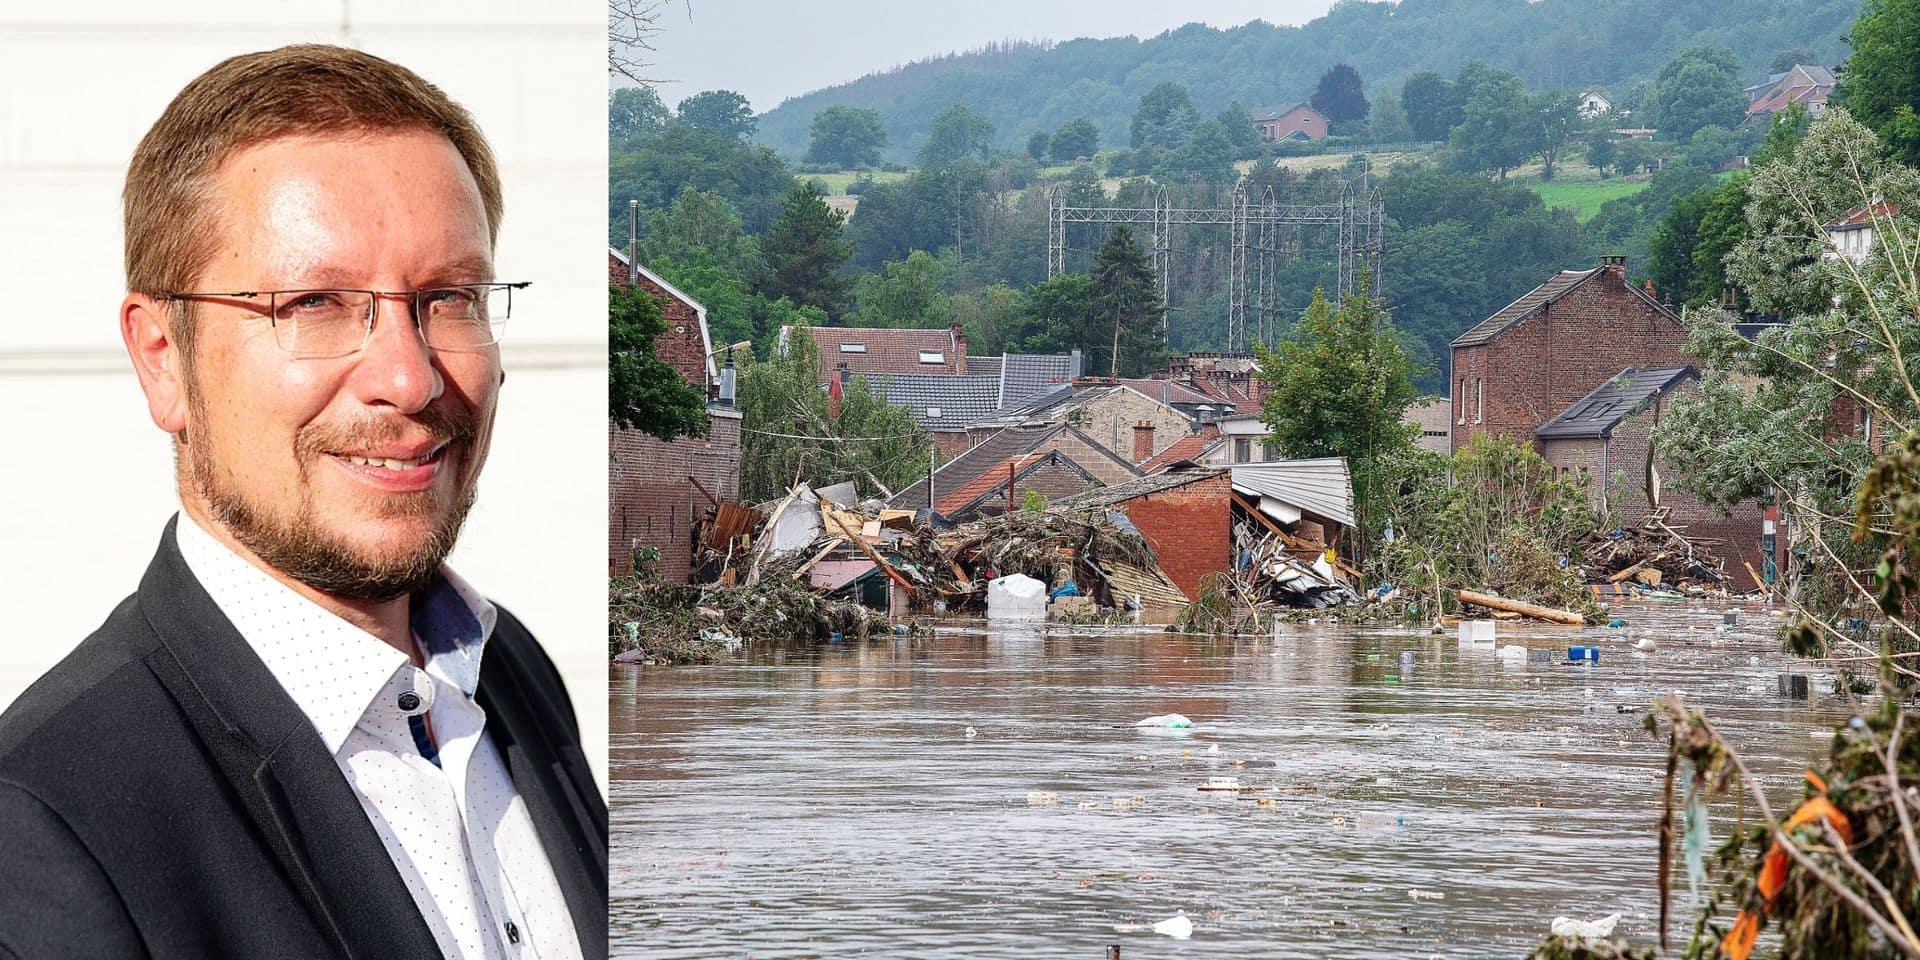 Inondations, le rapport accablant: nos autorités avaient bien accès à des prévisions annonçant l'ampleur du déluge